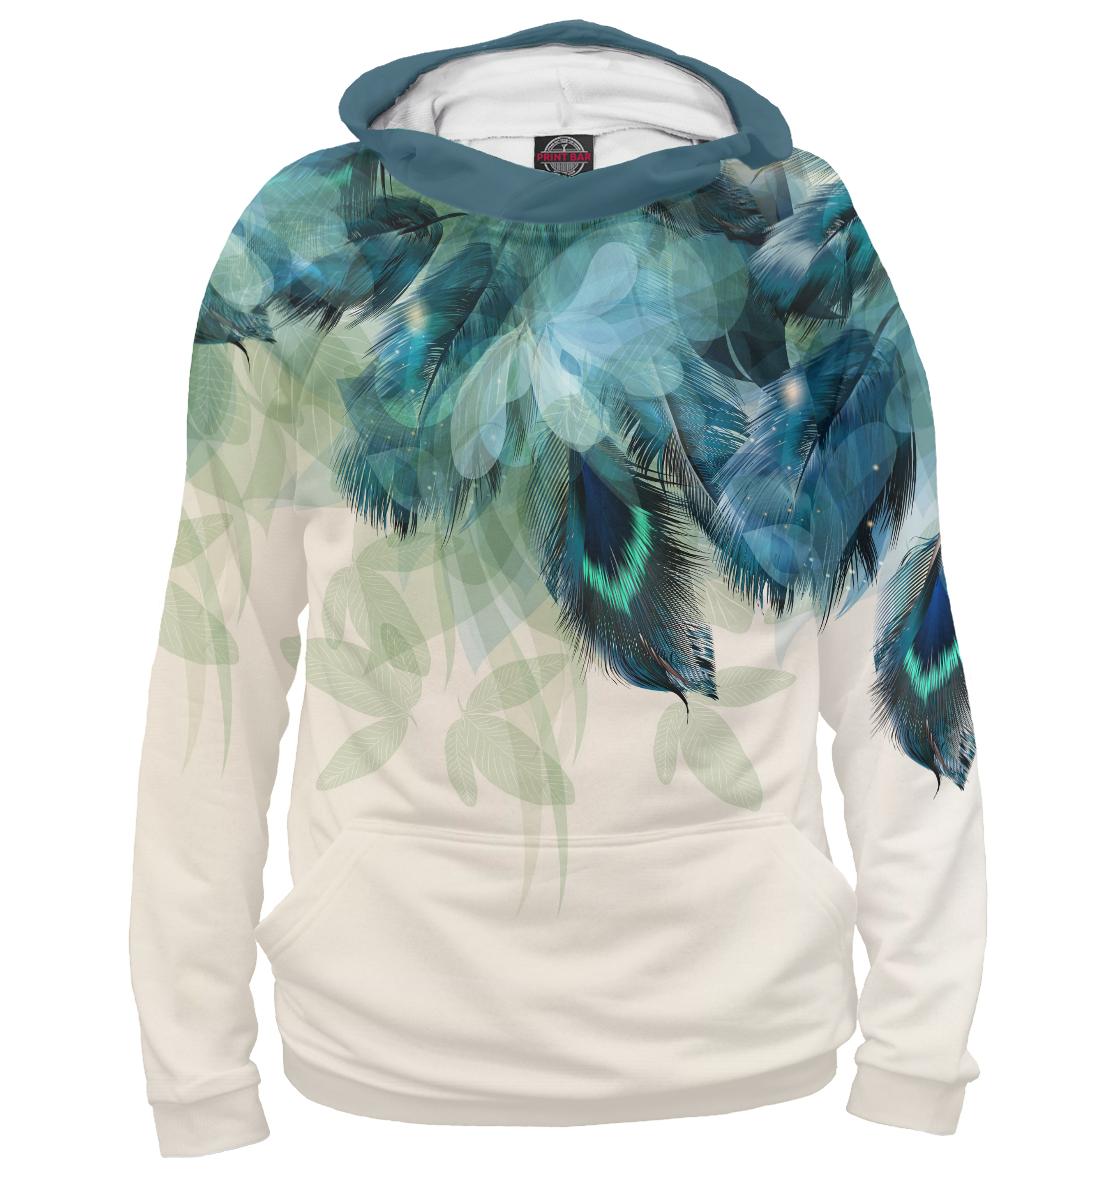 Купить Синие перья, Printbar, Худи, CLR-437454-hud-1